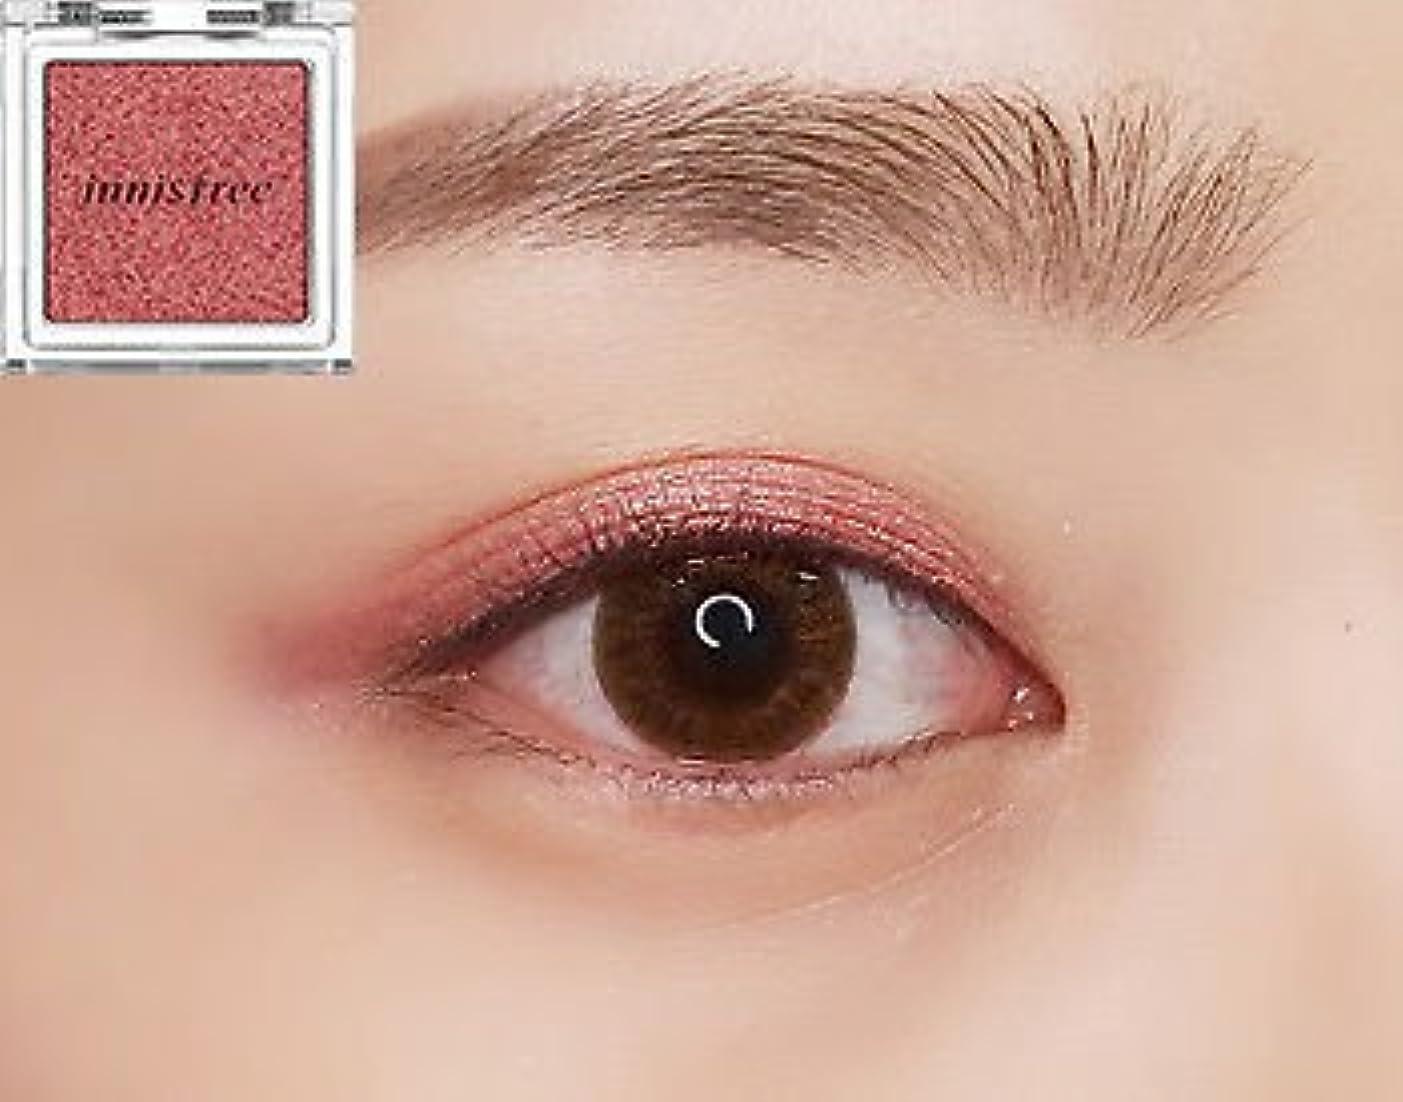 一部水分出費[イニスフリー] innisfree [マイ パレット マイ アイシャドウ (グリッタ一) 25カラー] MY PALETTE My Eyeshadow (Glitter) 25 Shades [海外直送品] (グリッタ...